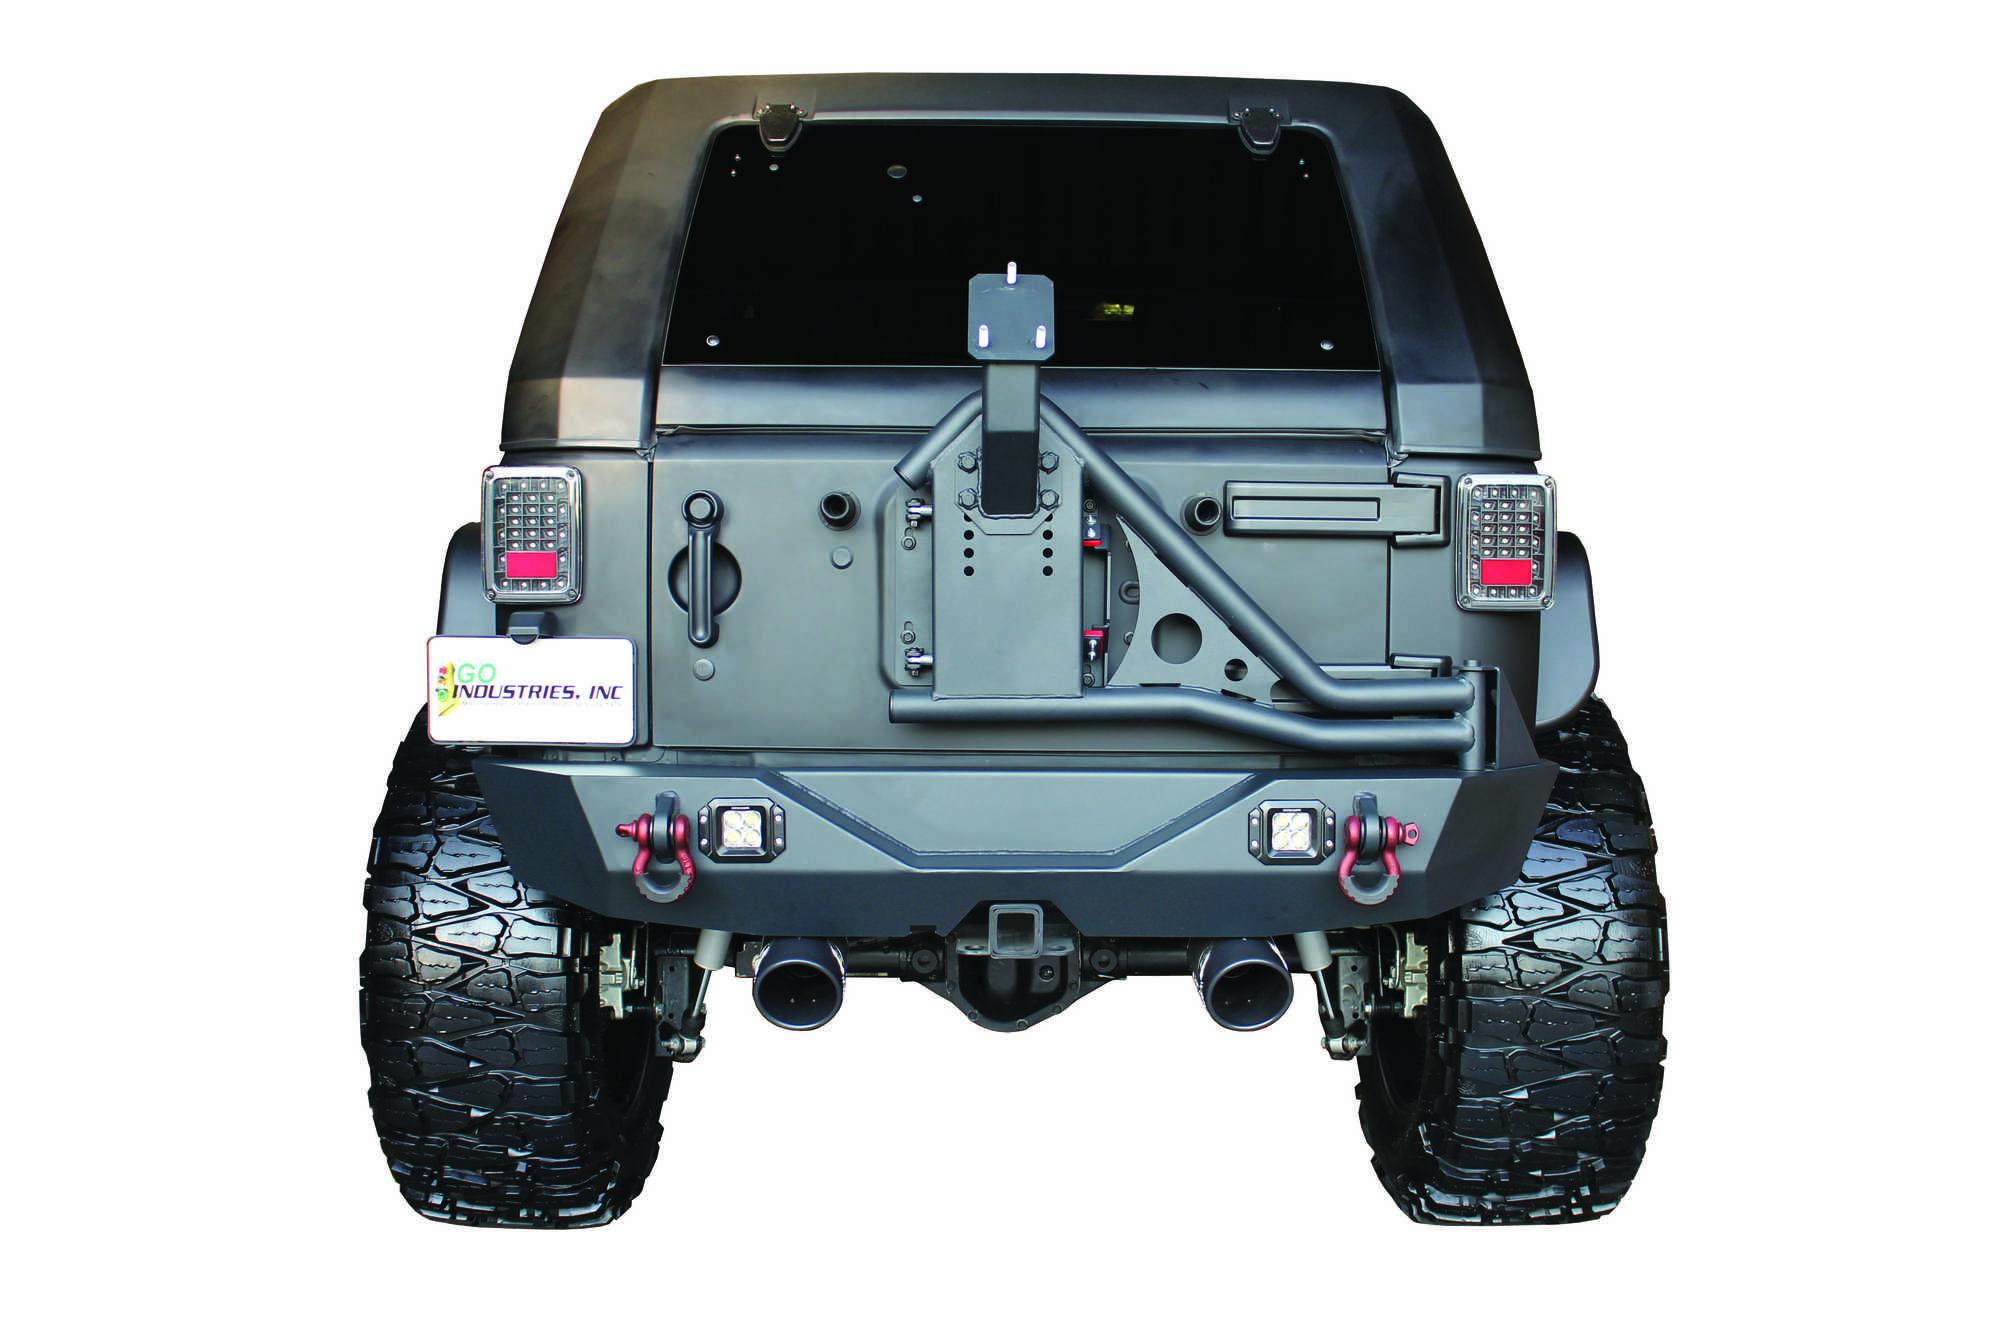 Jeep JK Rear Bumper Delete 07-18 Wrangler JK Rubicon and